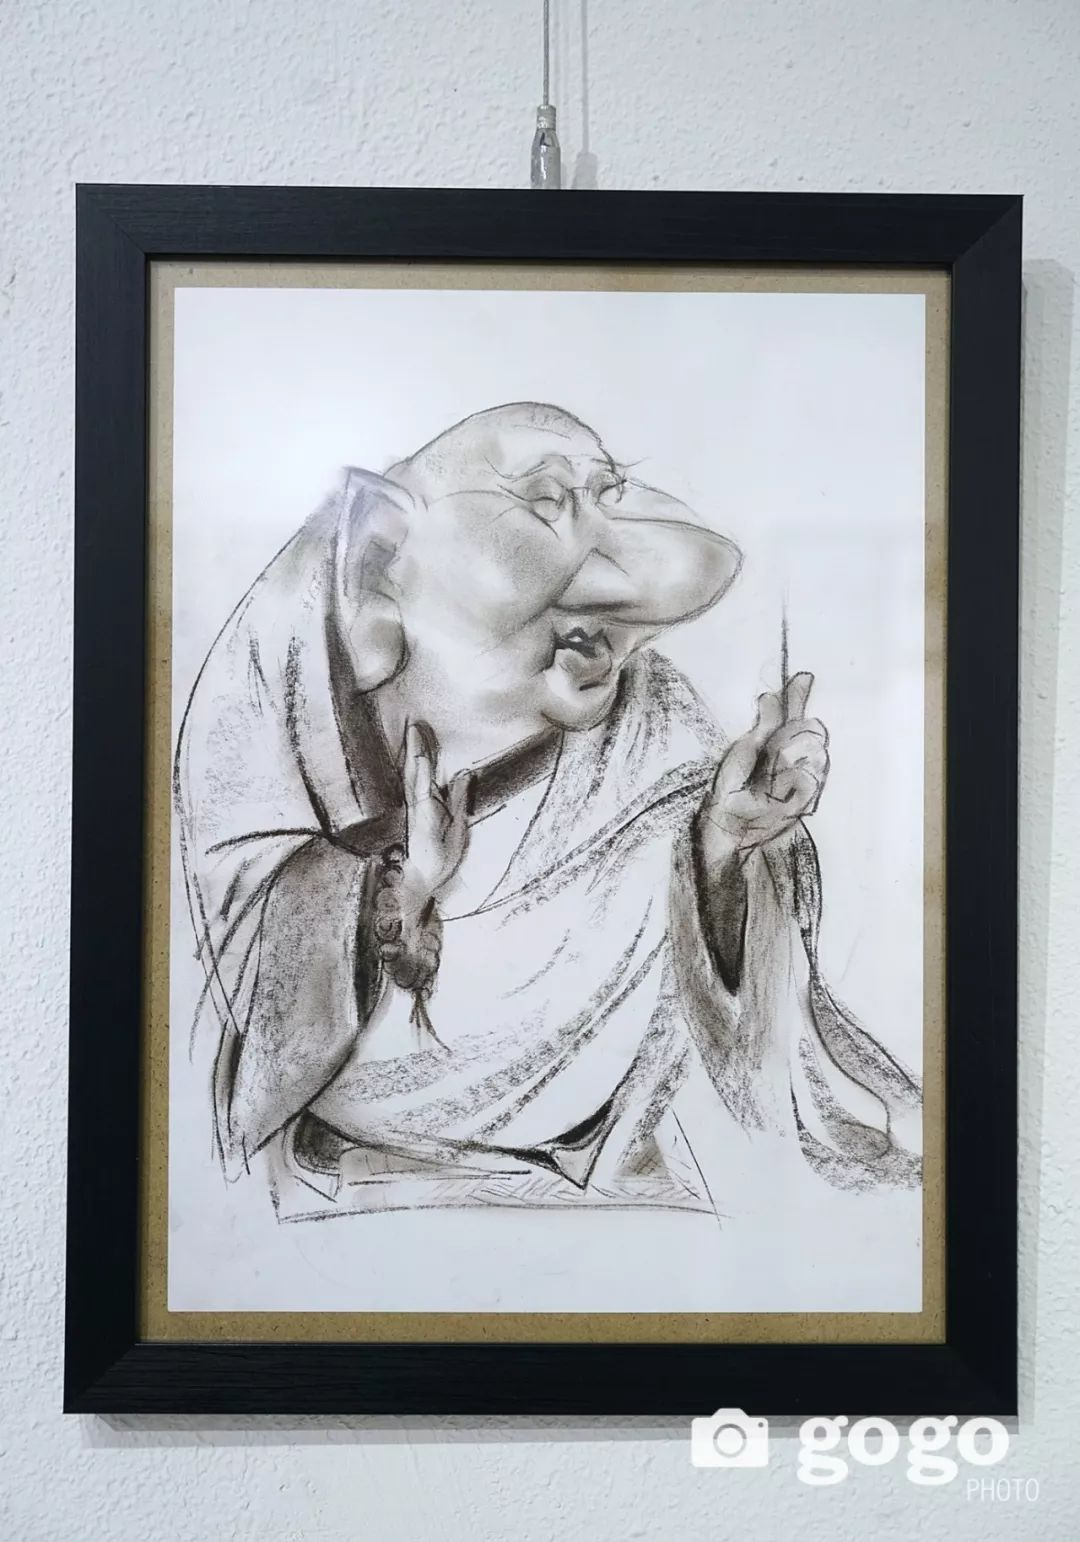 画家N·敖日格勒的这组蒙古名人画像很奇特(图片) 第16张 画家N·敖日格勒的这组蒙古名人画像很奇特(图片) 蒙古画廊